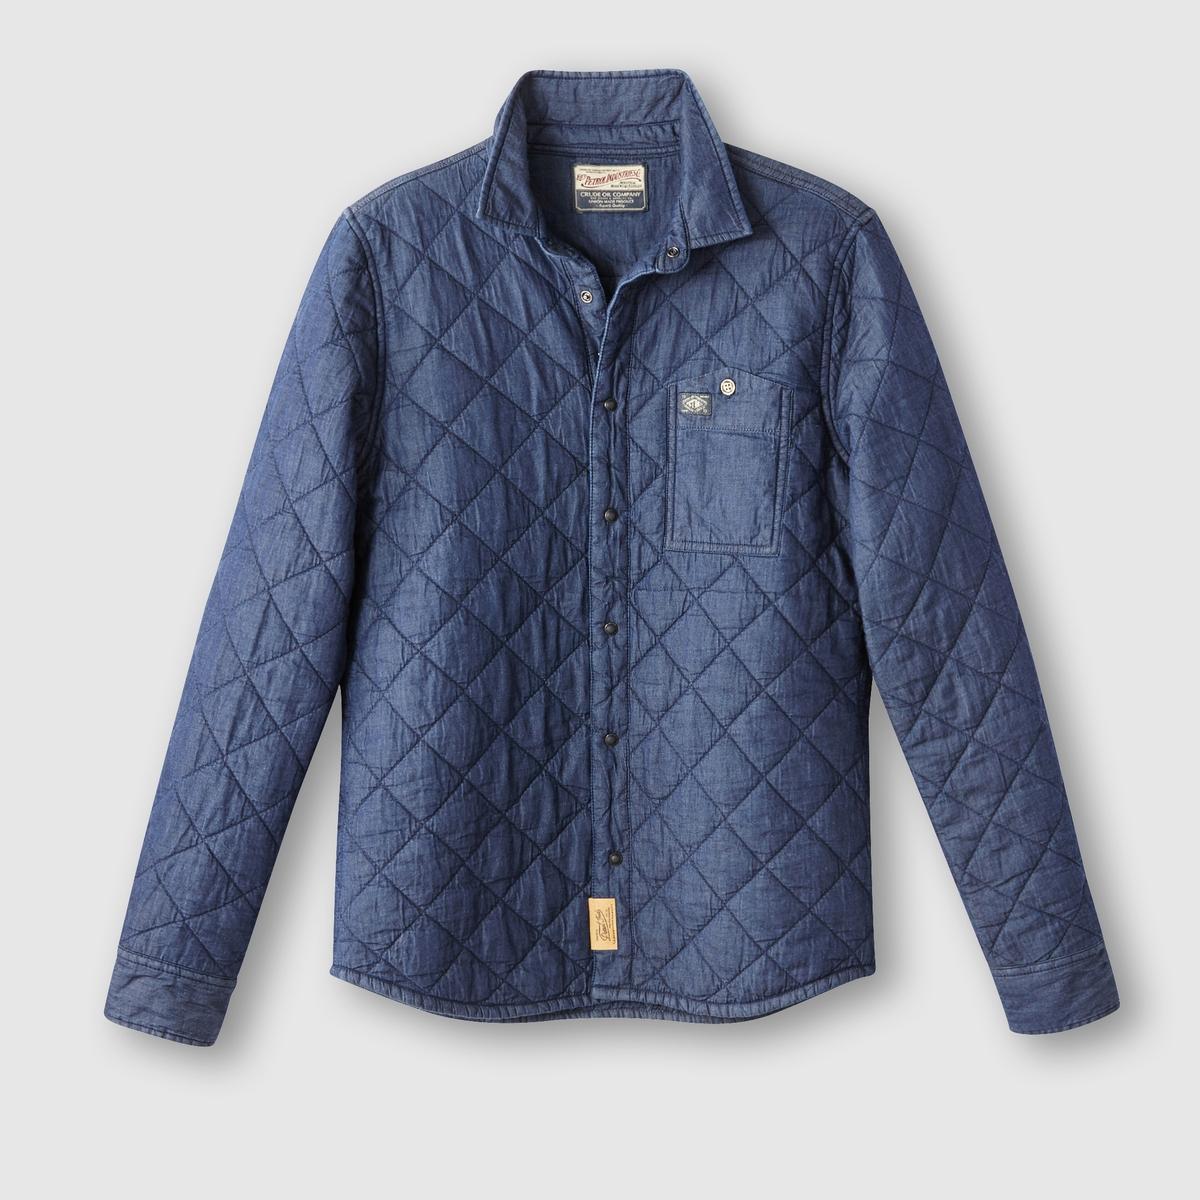 Рубашка с длинными рукавамиСостав и описаниеМатериал : 100% хлопкаМарка : PETROL INDUSTRIES<br><br>Цвет: темно-синий<br>Размер: S